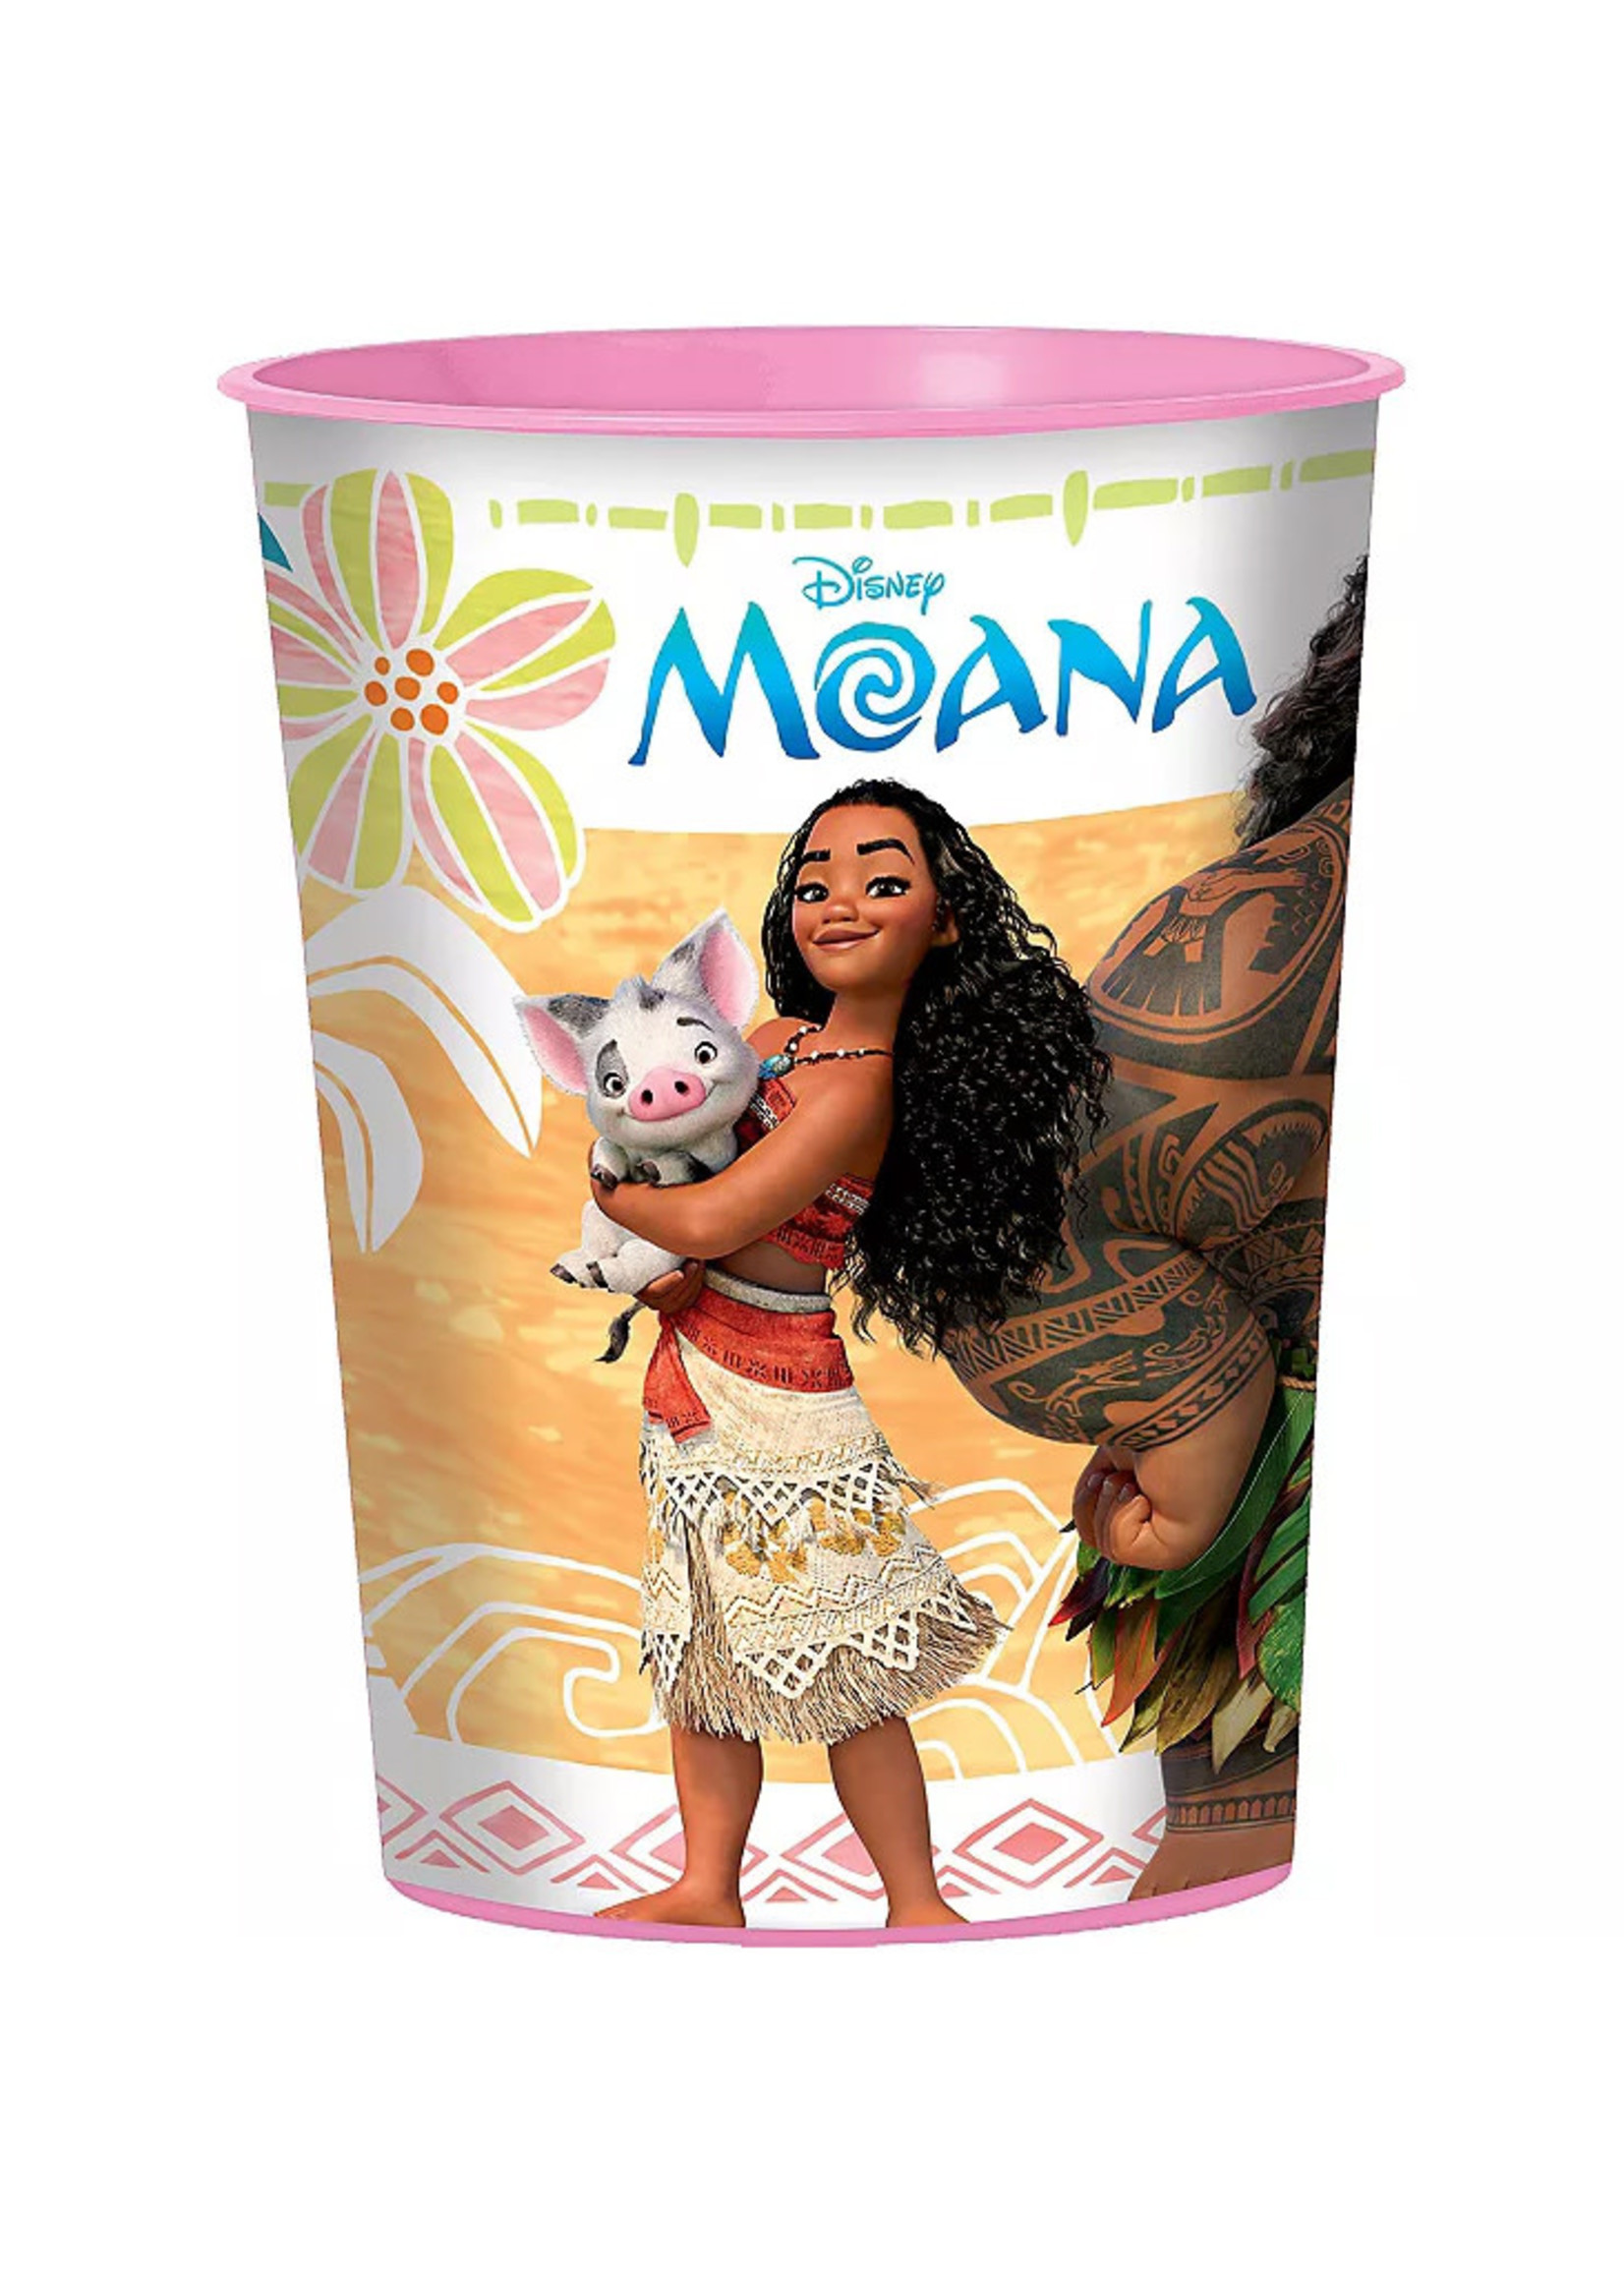 Moana Favor Cup 16oz